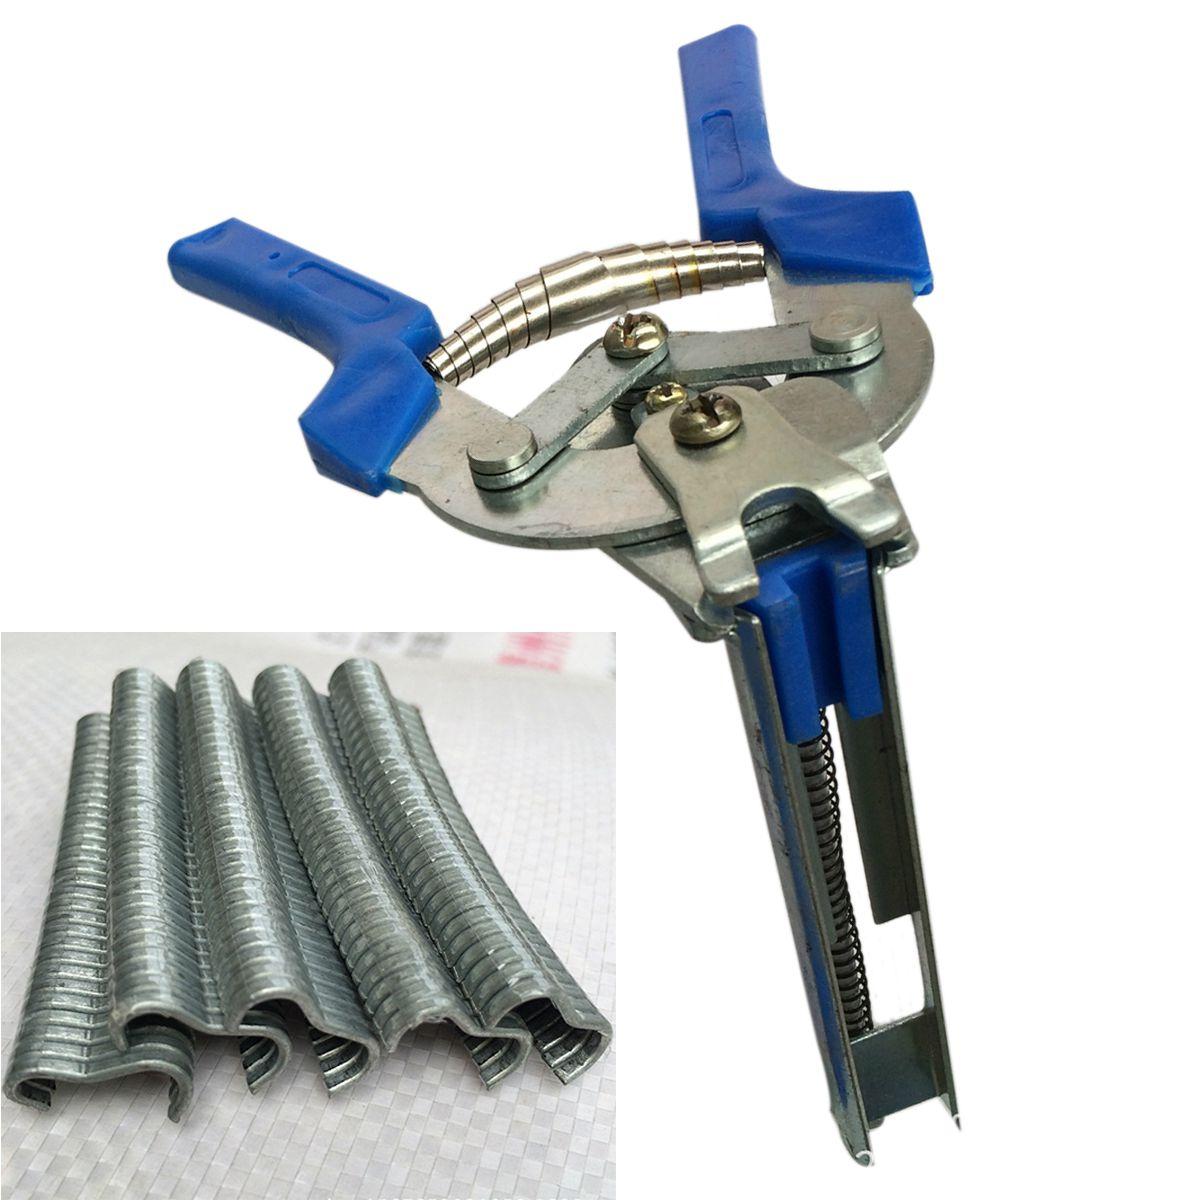 WSFS 1pc anneau de porc pince outil et 600 pièces M Clips poulet maille Cage fil clôture sertissage soudure Joint soudage réparation outils à main